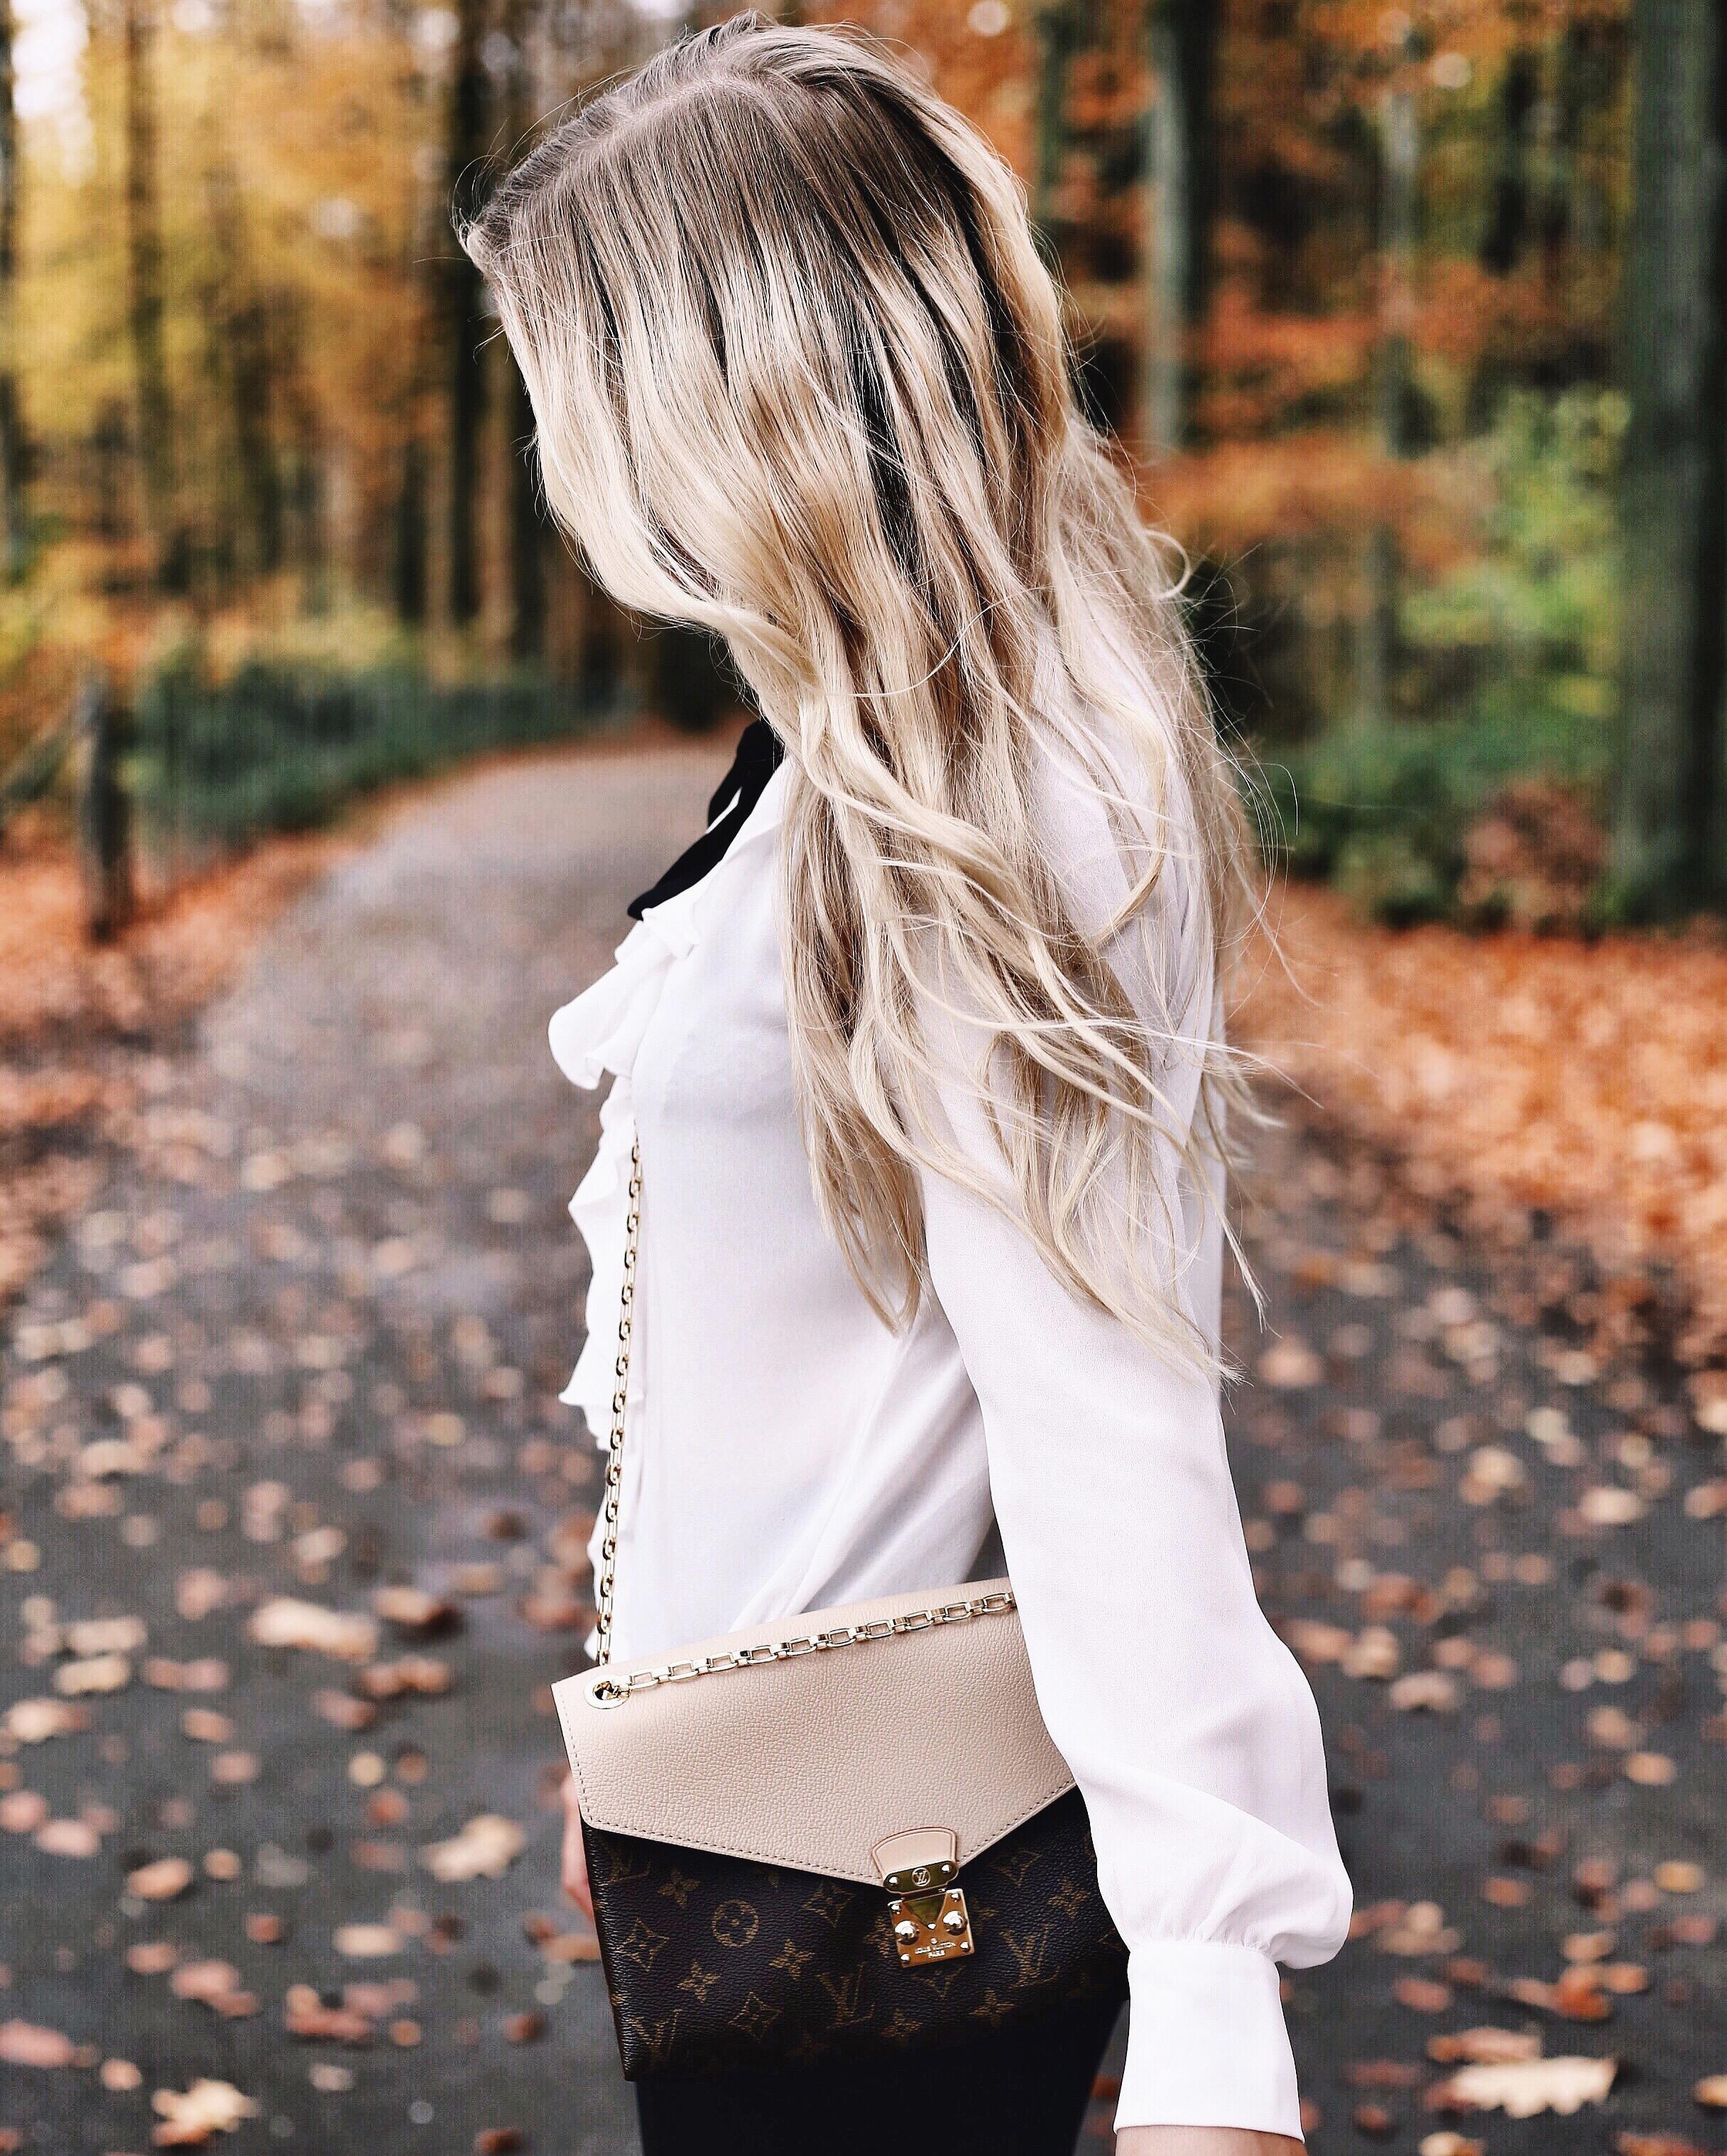 autumn_sisichen